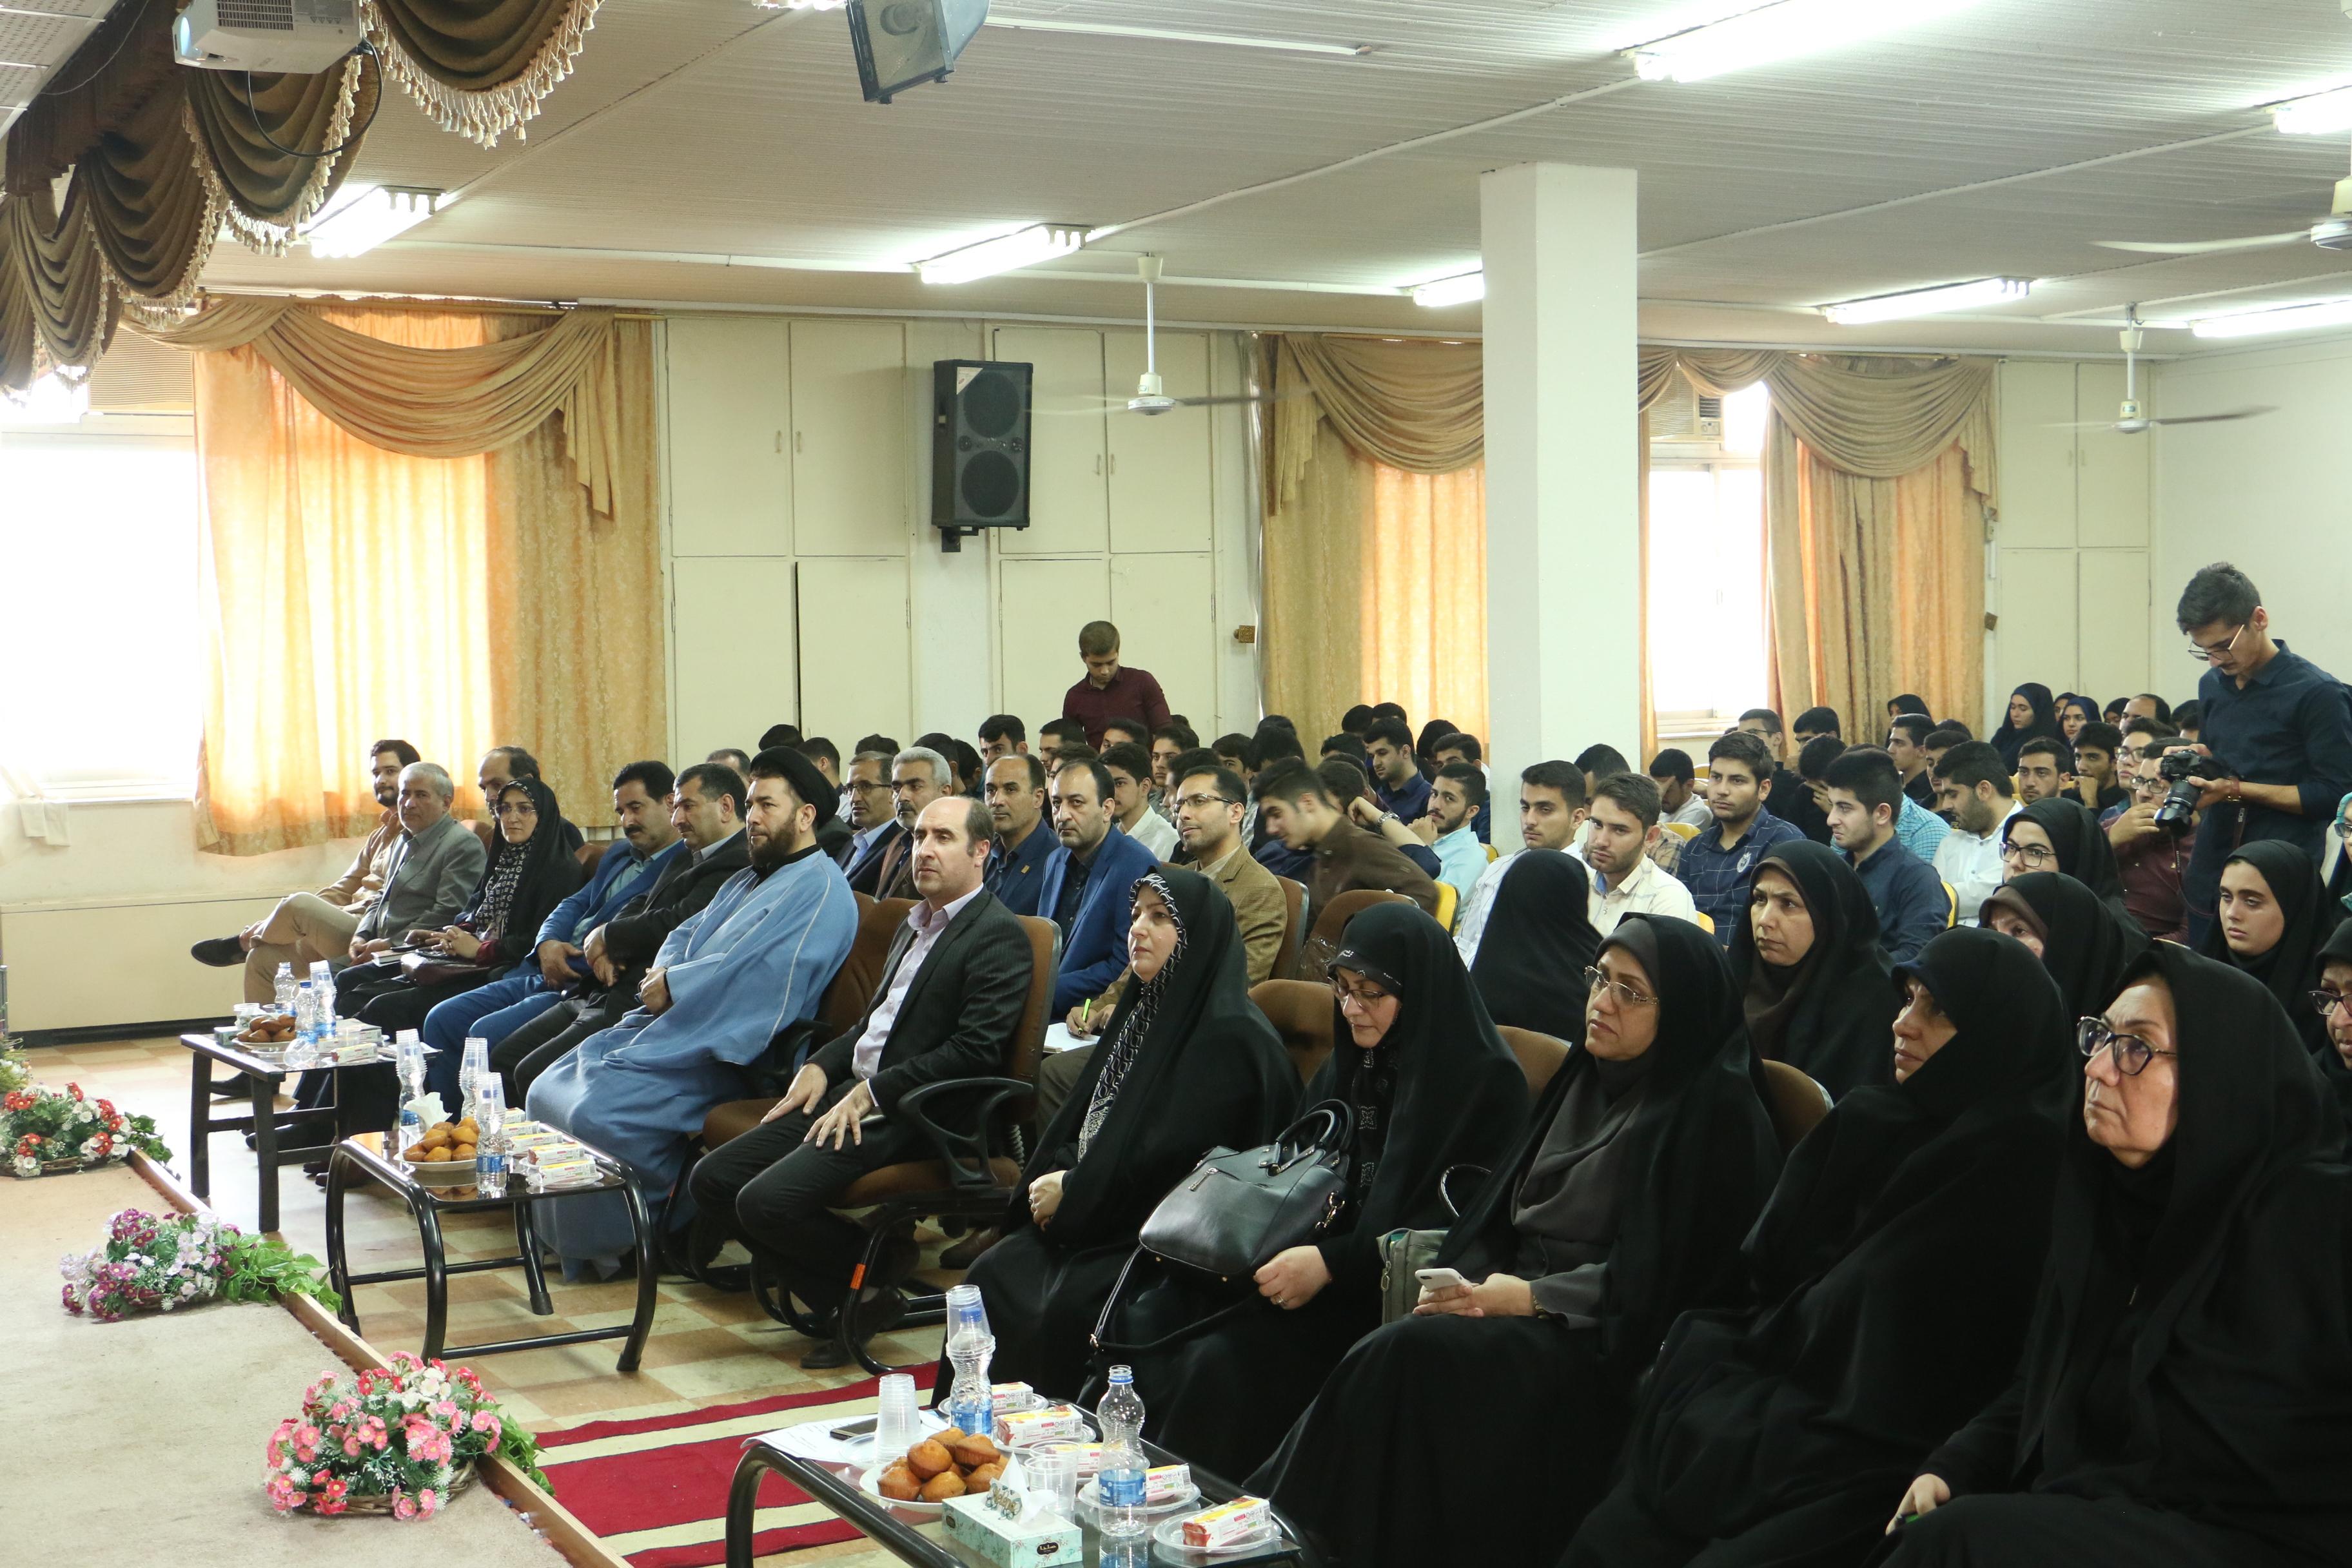 برگزاری جشن آغاز سال تحصیلی+ نومعلمان دانشگاه فرهنگیان